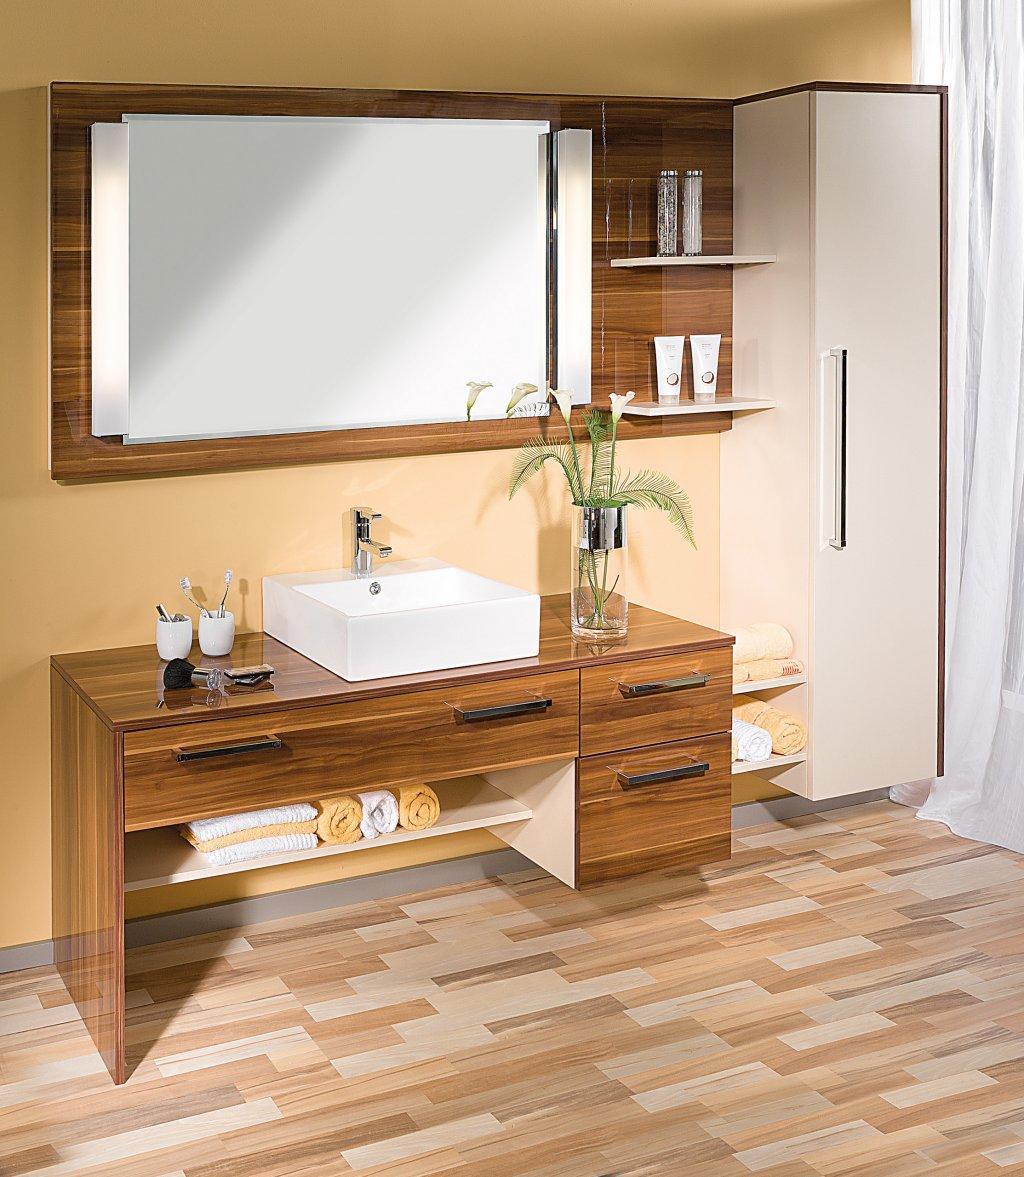 P Badezimmermöbel: P.MAX Maßmöbel - Tischlerqualität